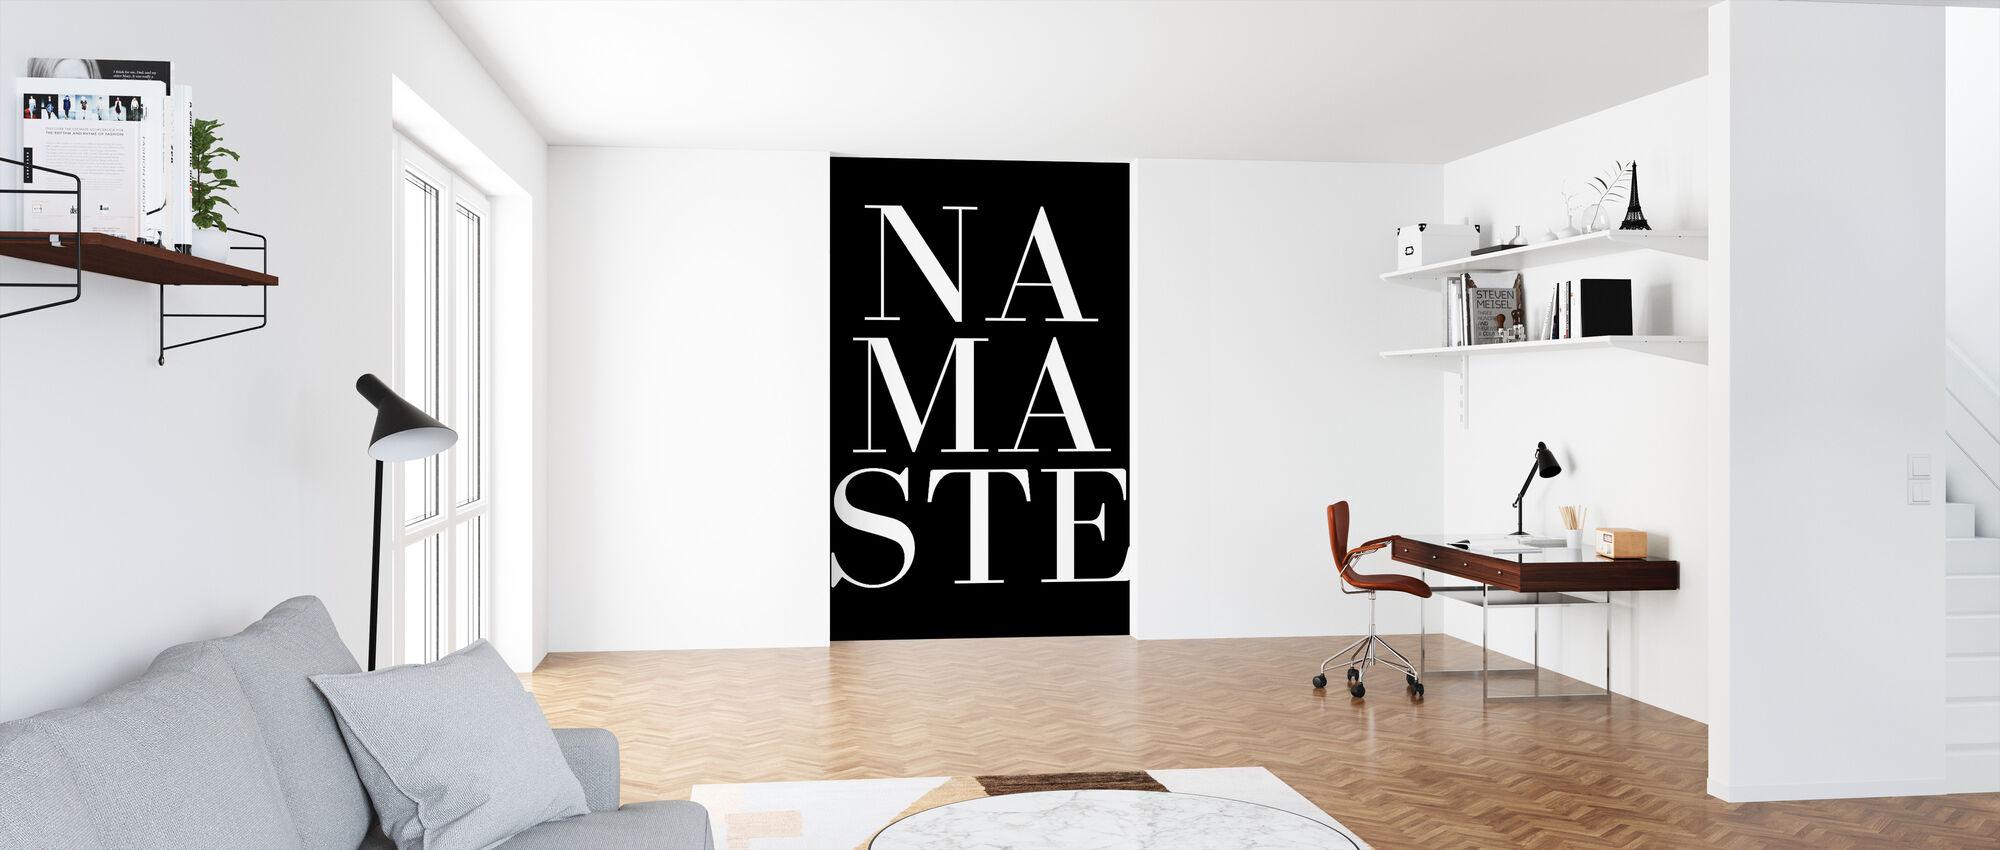 Namaste - Tapet - Kontor